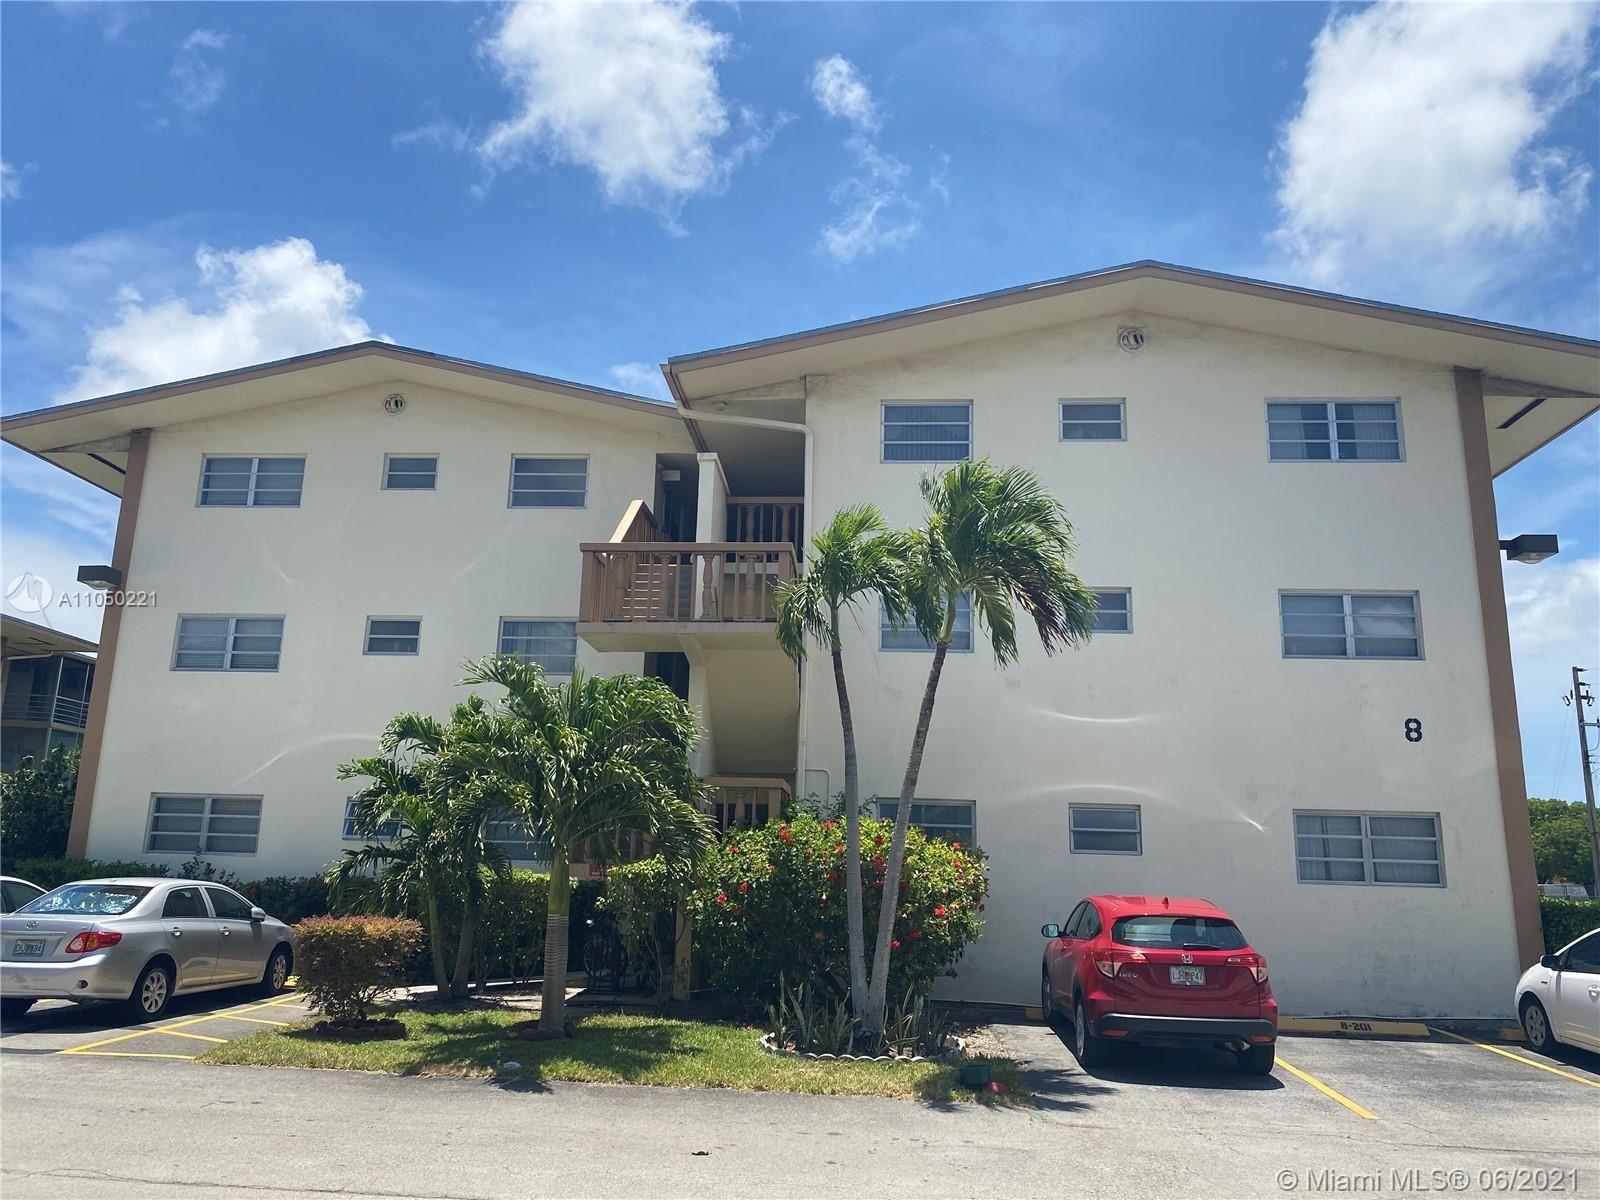 16701 NE 13th Ave #101, Miami, FL 33162 - #: A11050221